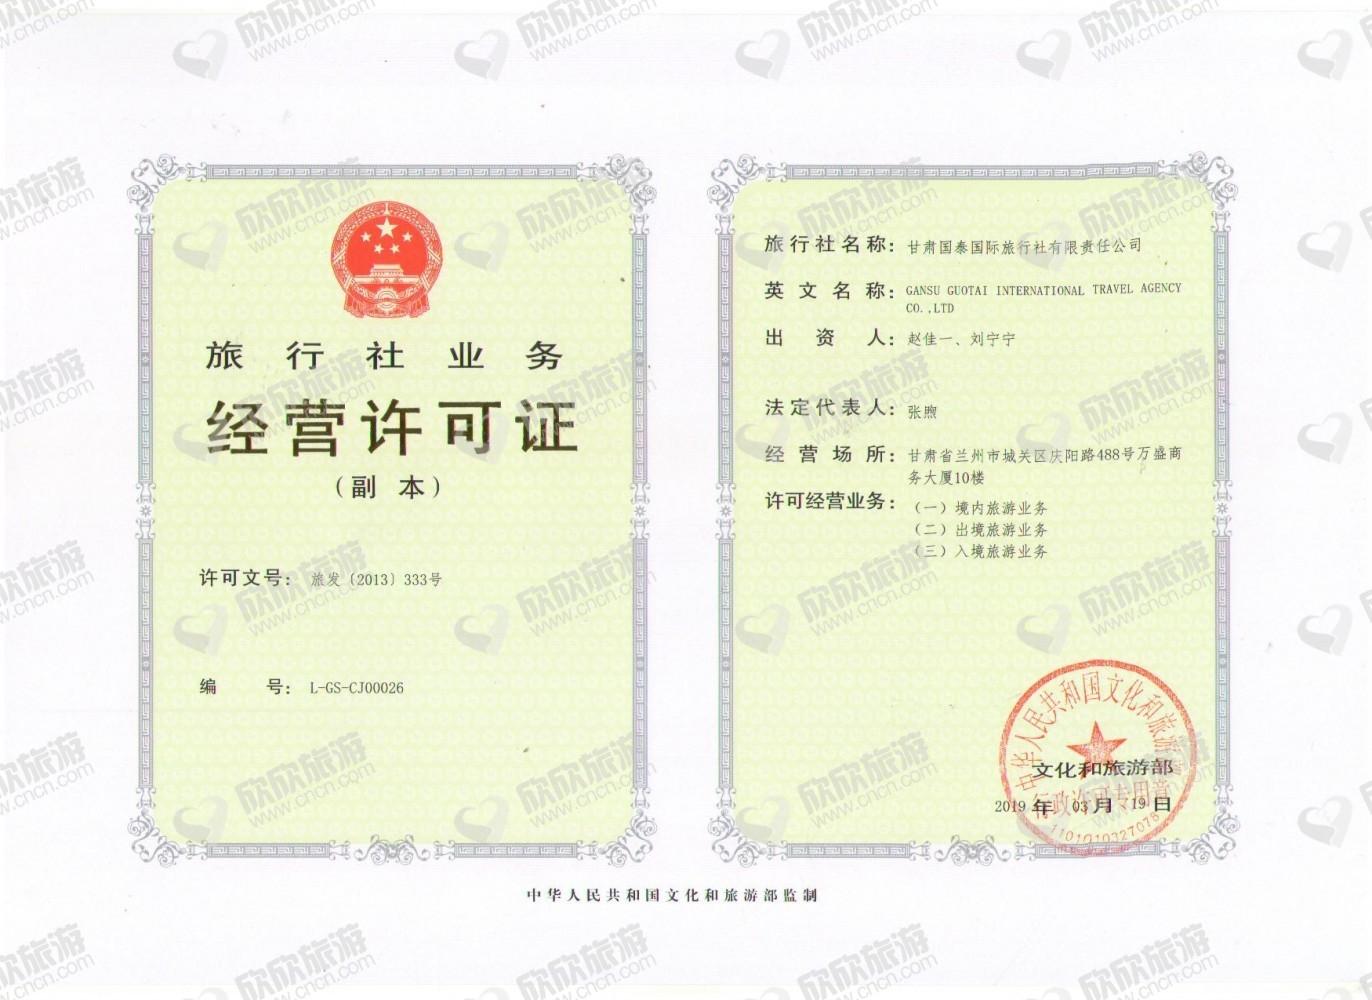 甘肃国泰国际旅行社有限责任公司经营许可证